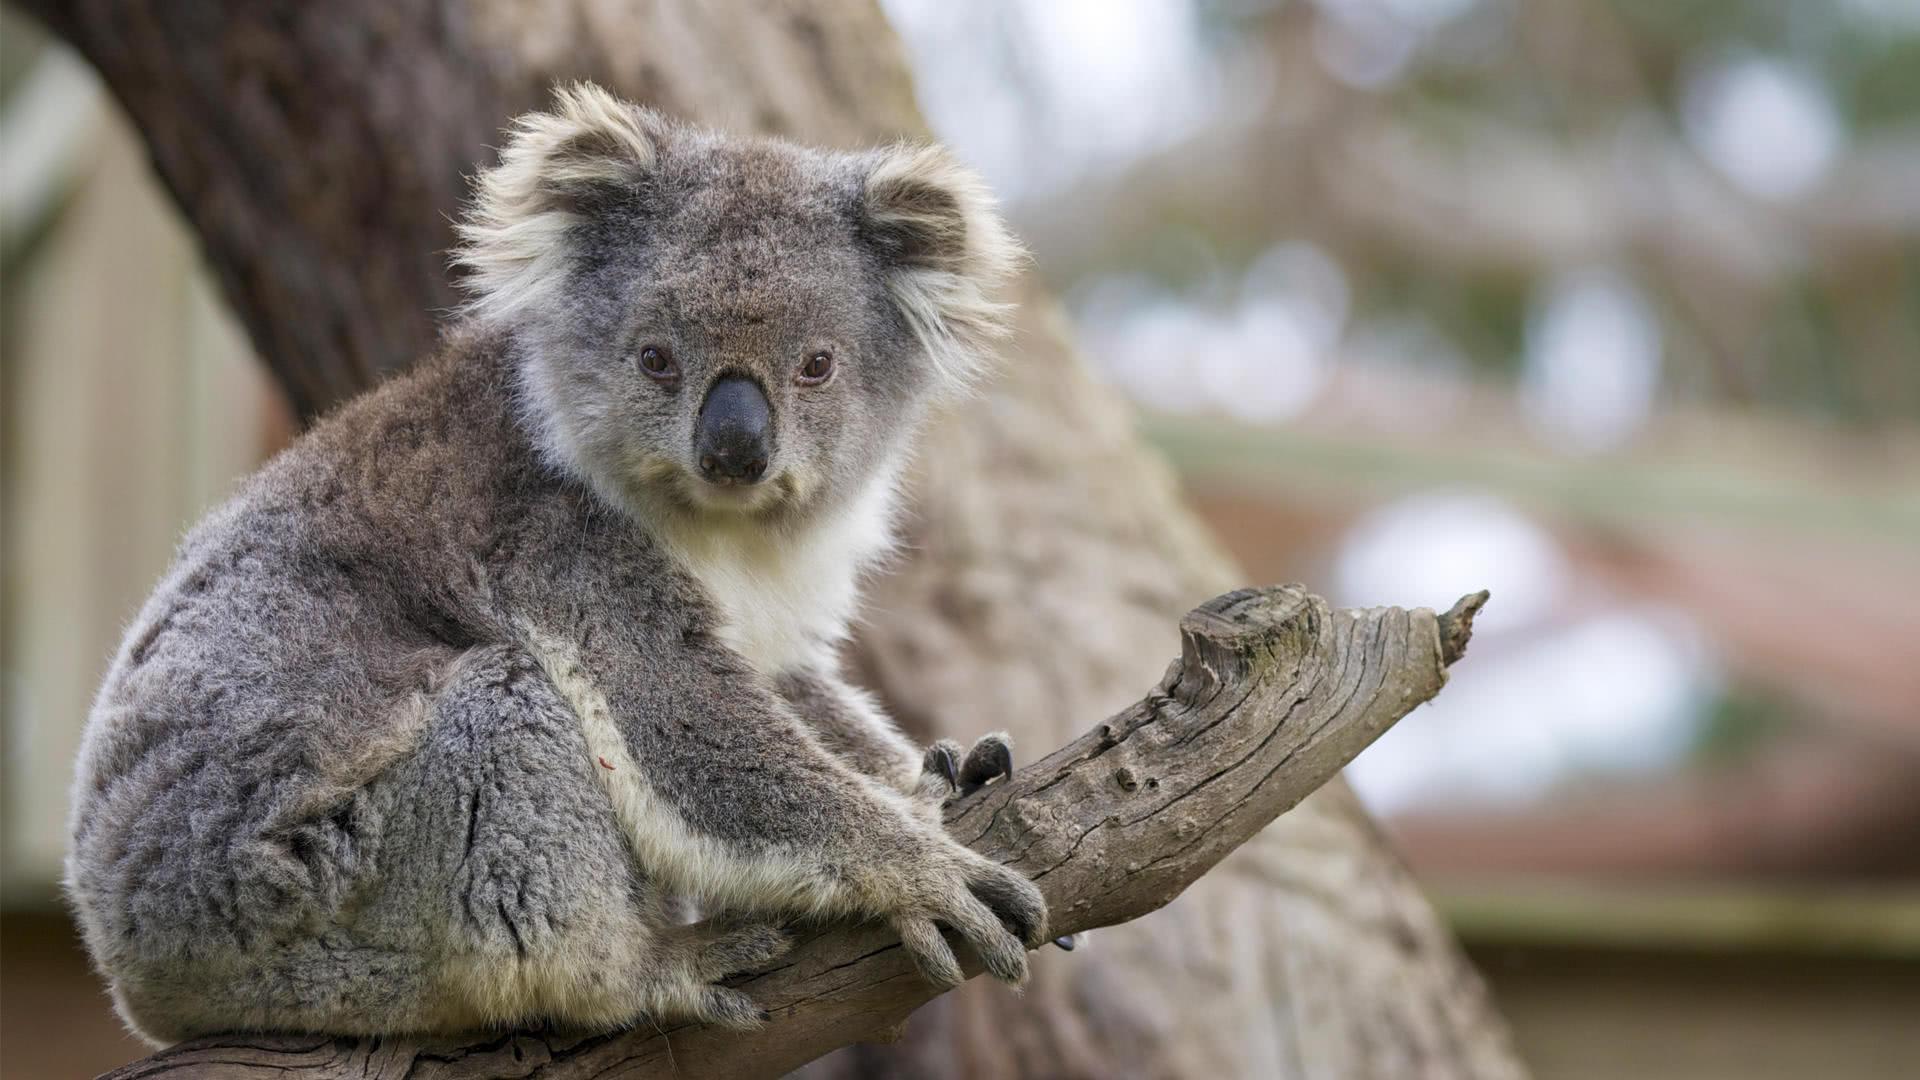 科拉熊是最慢的动物之一,因为它们大多数时间都在树上视线很差.